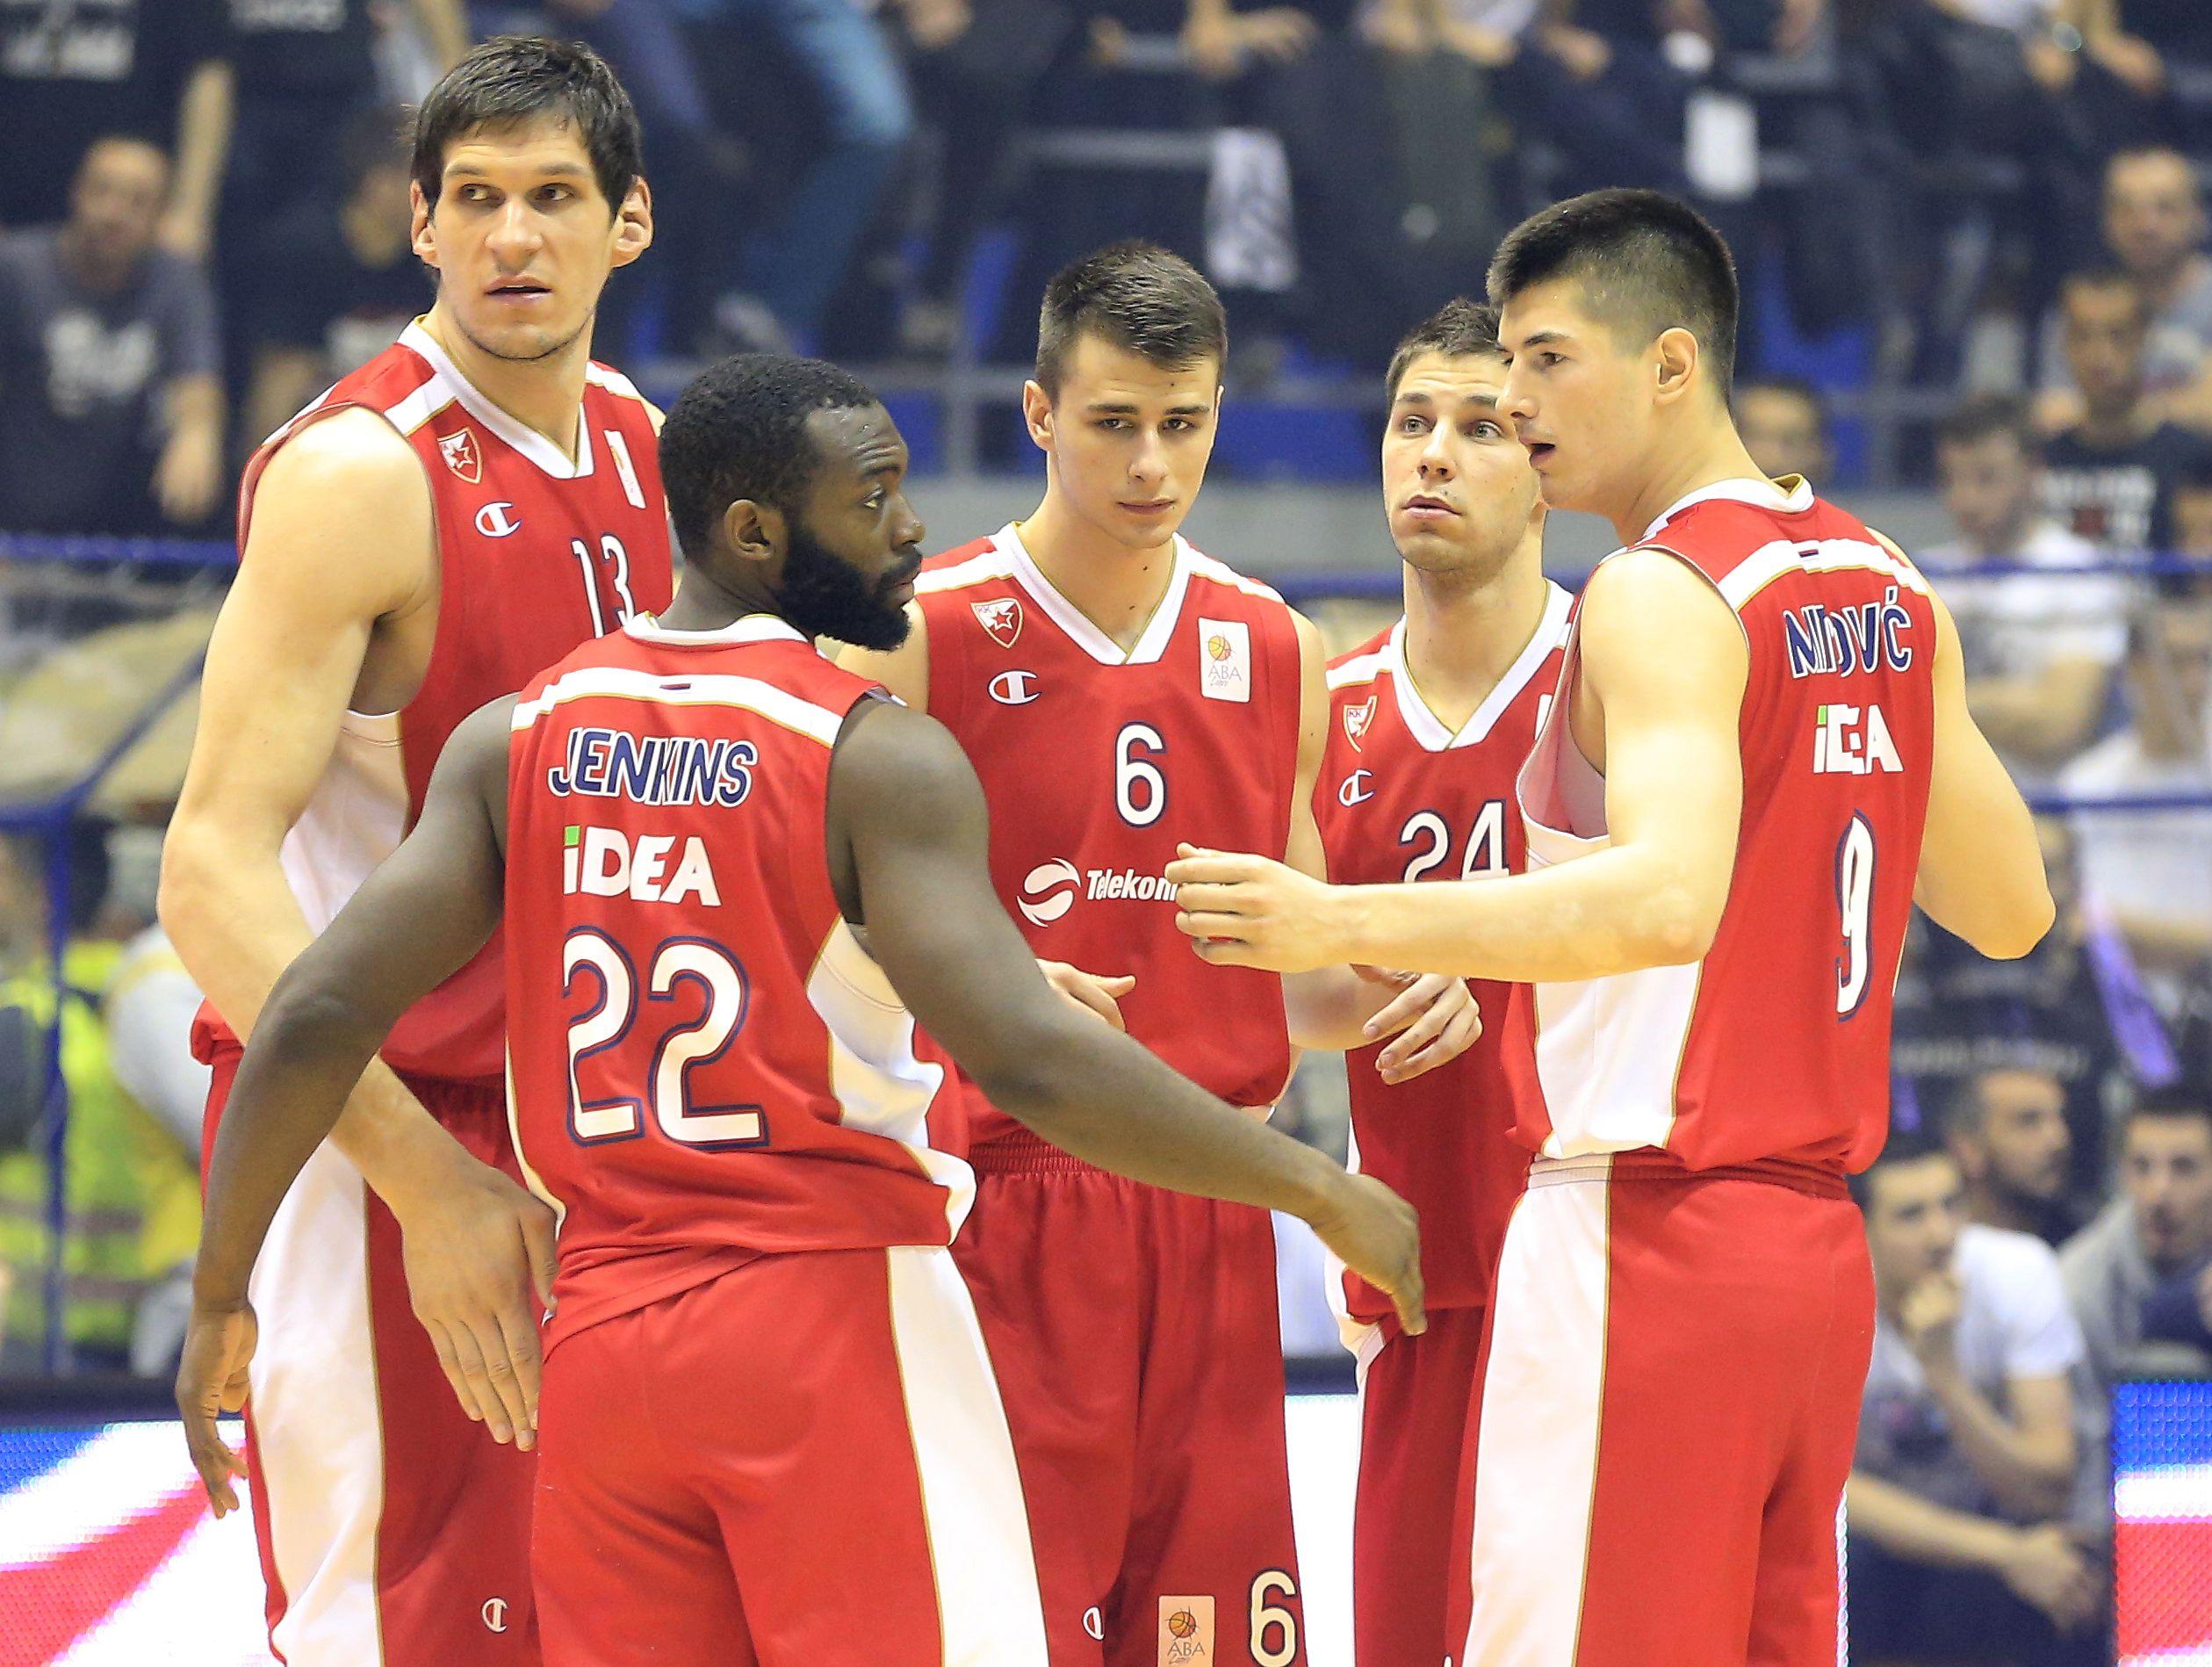 Navijači Crvene zvezde izabrali su najbolji tim decenije od košarkaša iz Evrolige